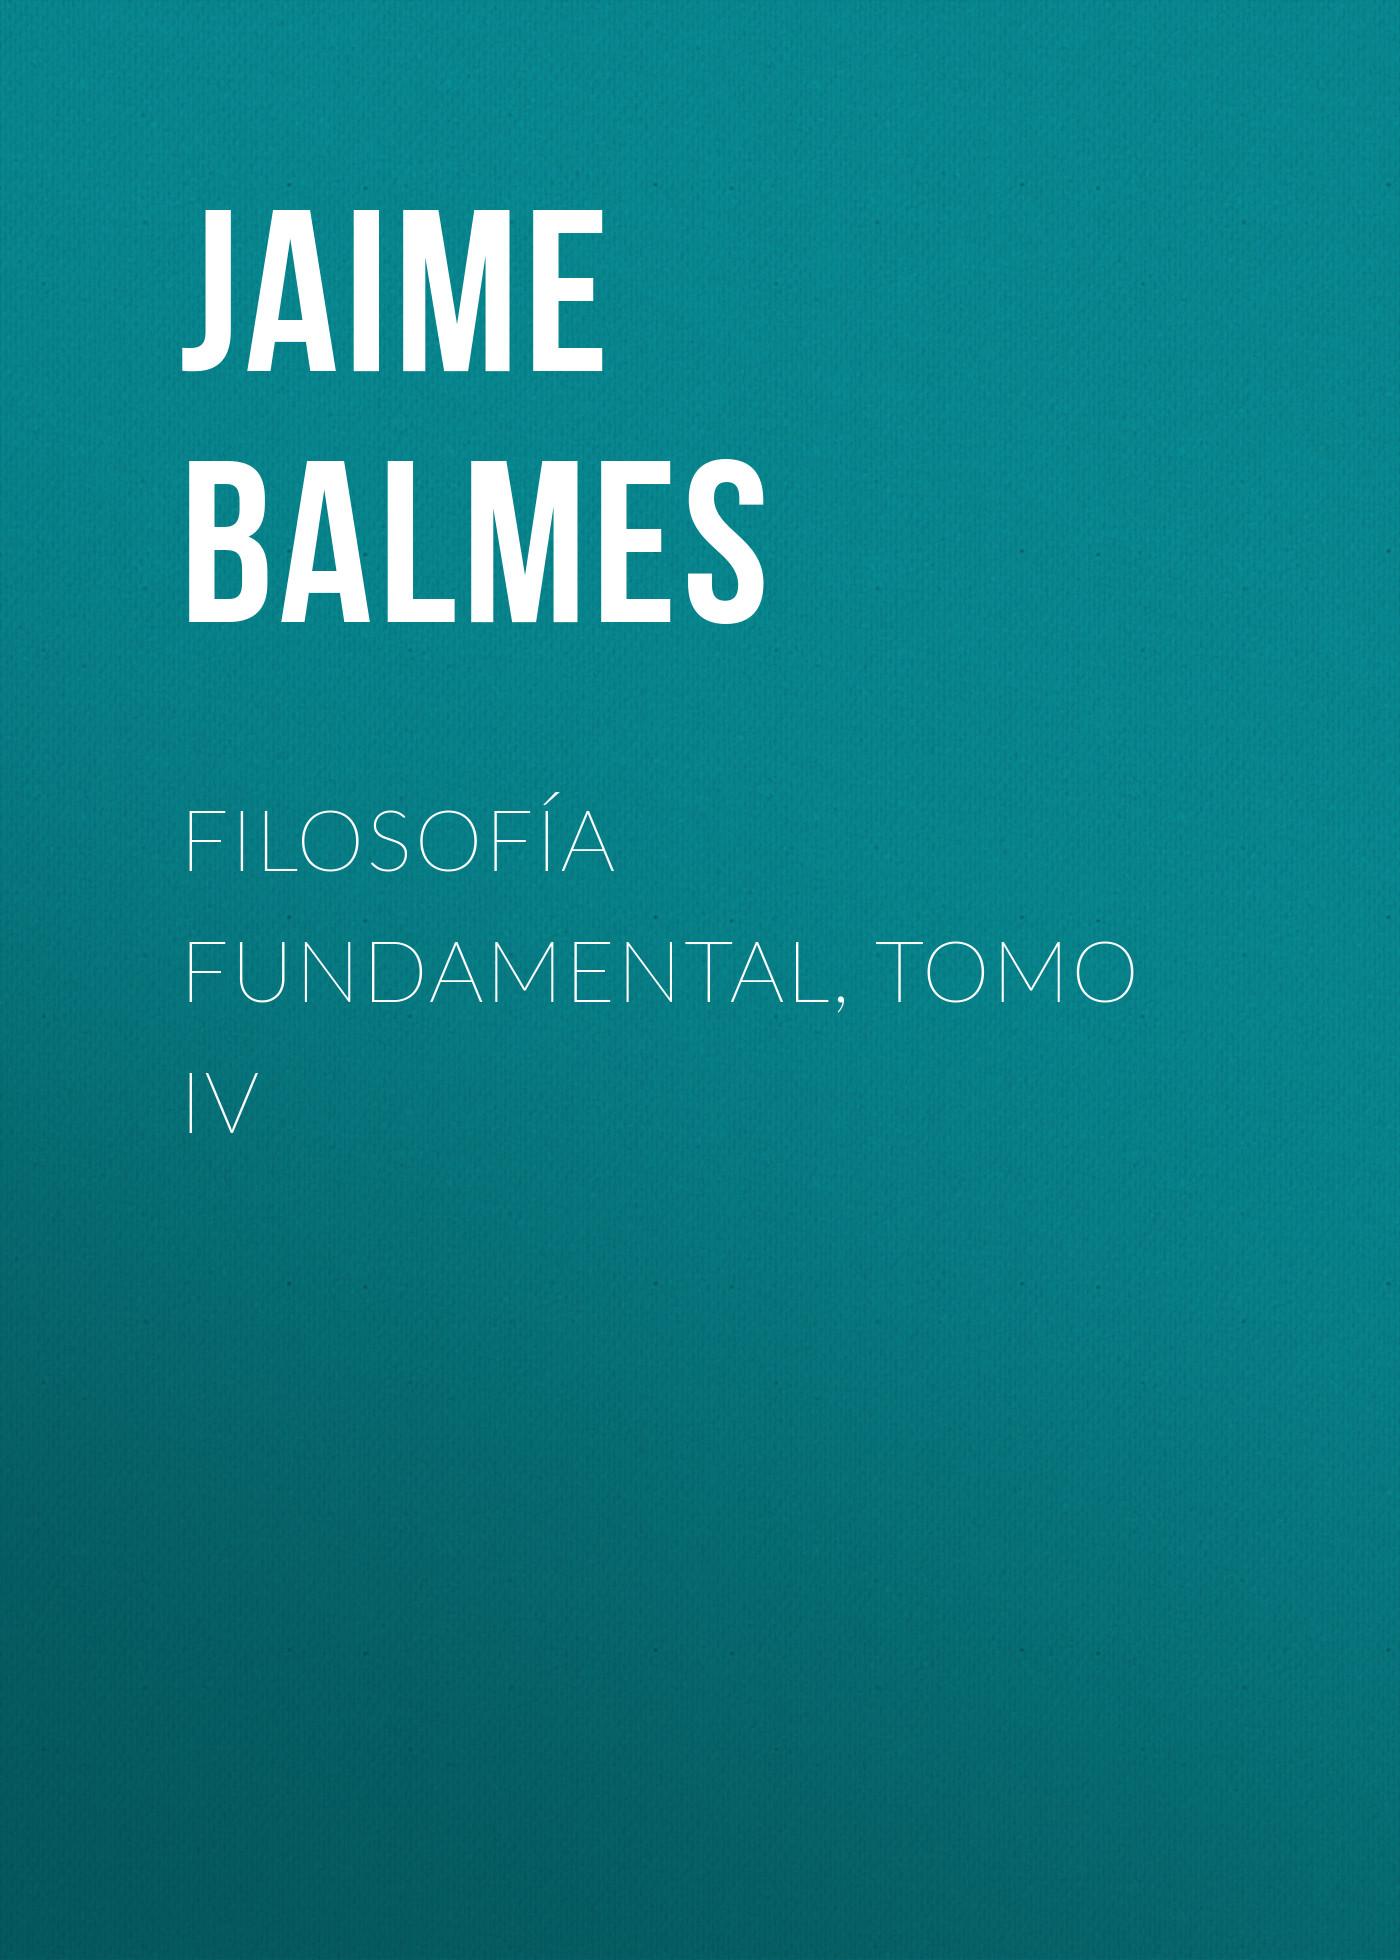 Balmes Jaime Luciano Filosofía Fundamental, Tomo IV balmes jaime luciano filosofía fundamental tomo iv